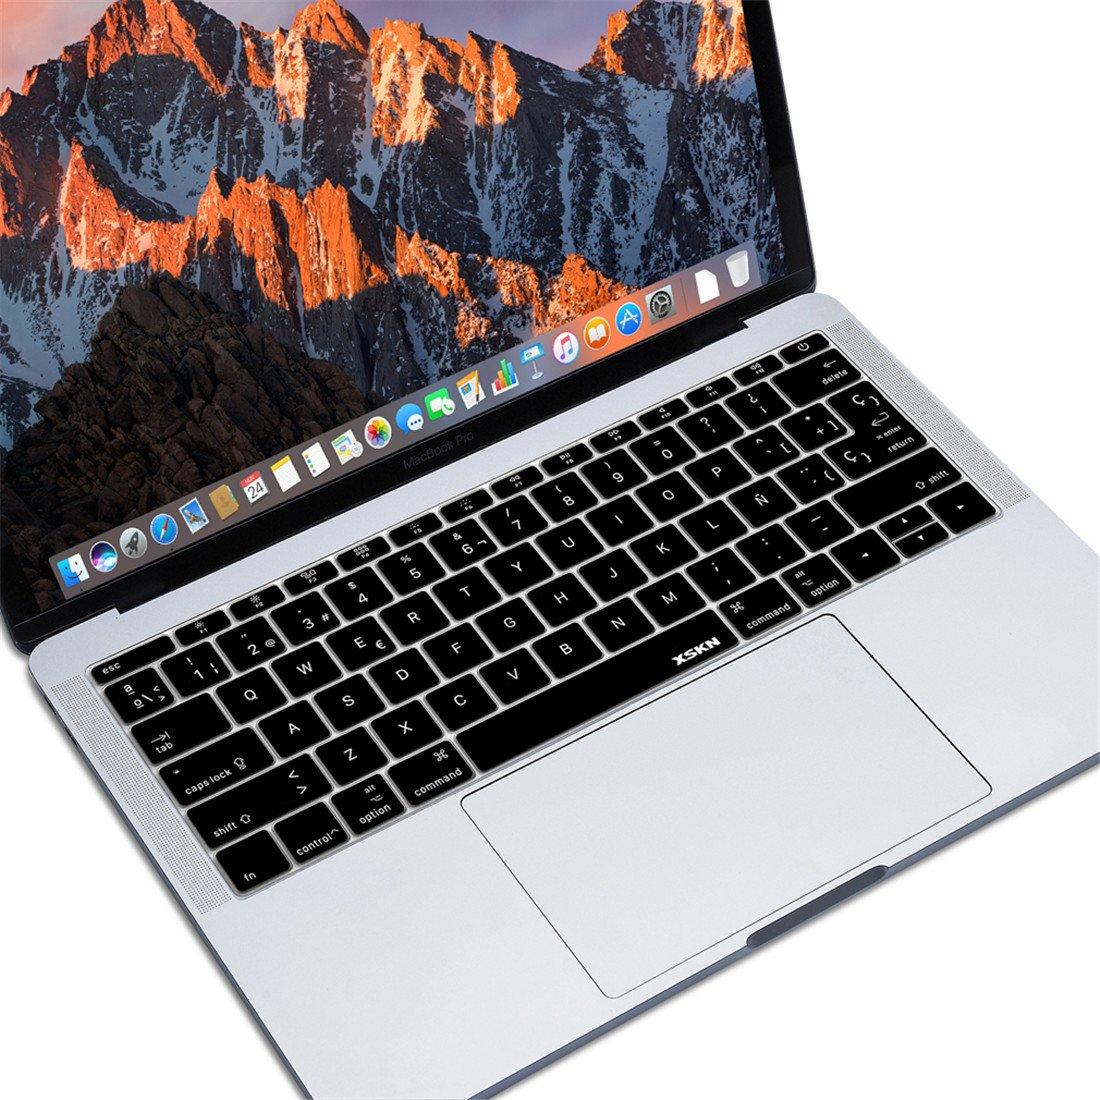 XSKN. Lámina protectora de silicona suave para teclado español de MacBook Pro 13 Retina A1708 (2016, sin Touch Bar) y Macbook 12 con teclado ISO de Estados ...